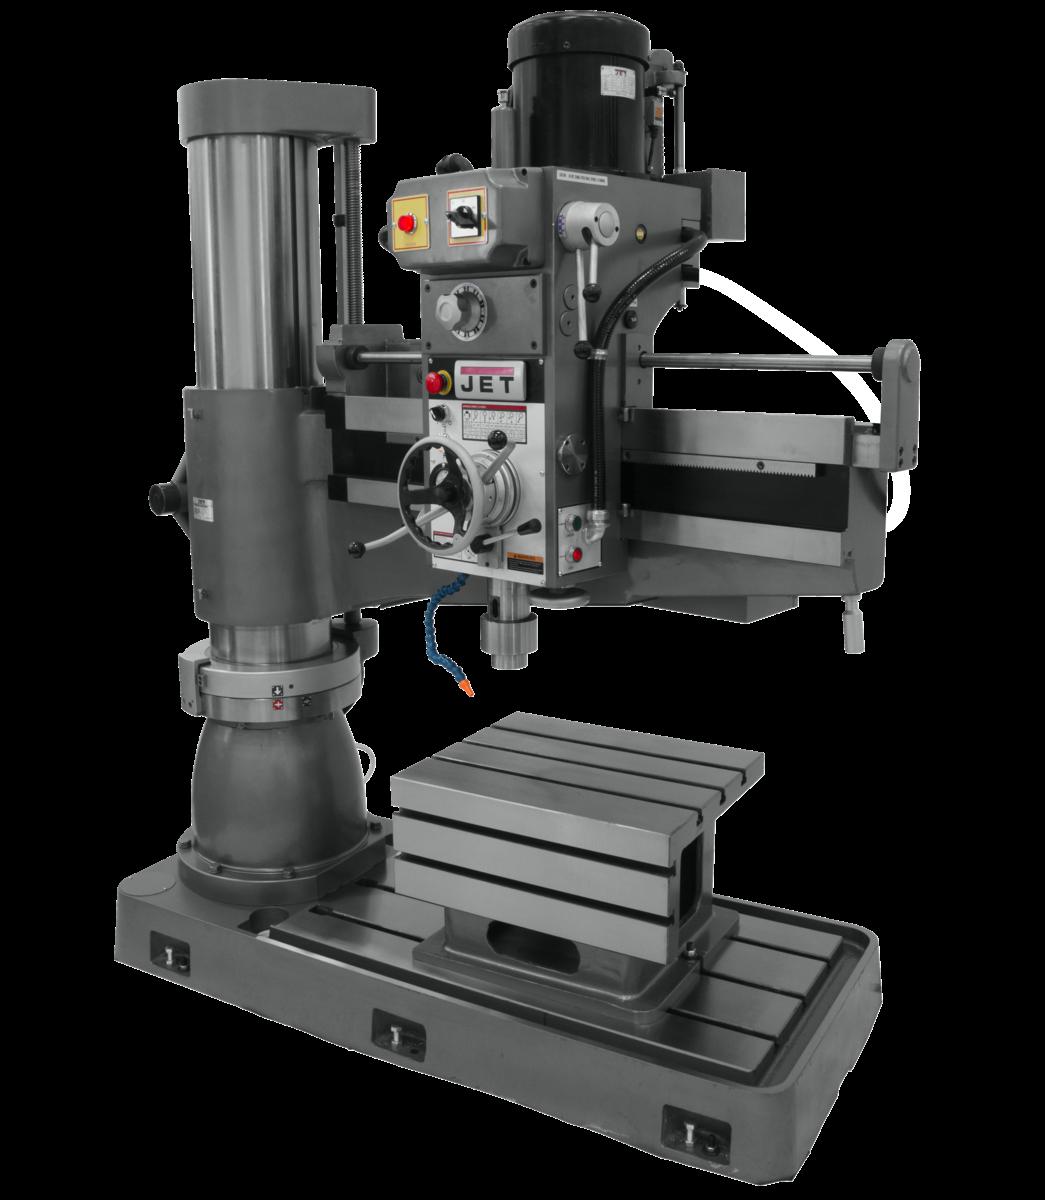 J-1230R, 4' Arm Radial Drill Press 230V